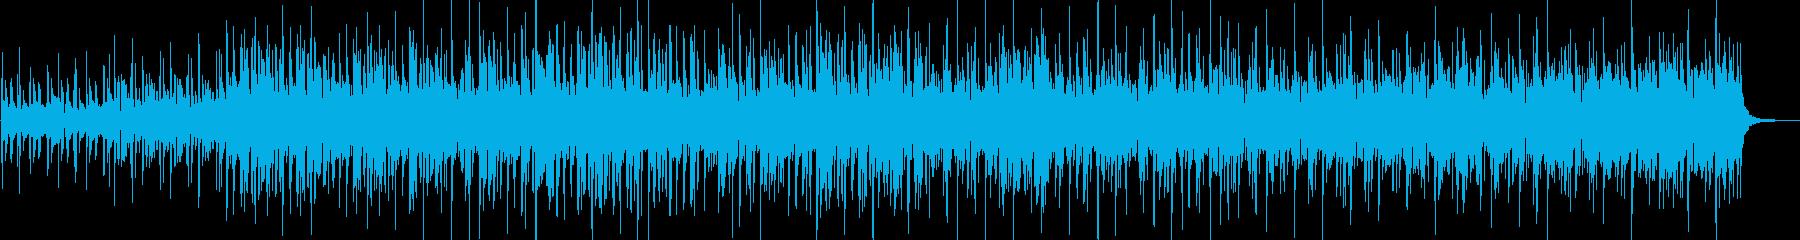 スチールドラムのノリのいい軽快なポップスの再生済みの波形